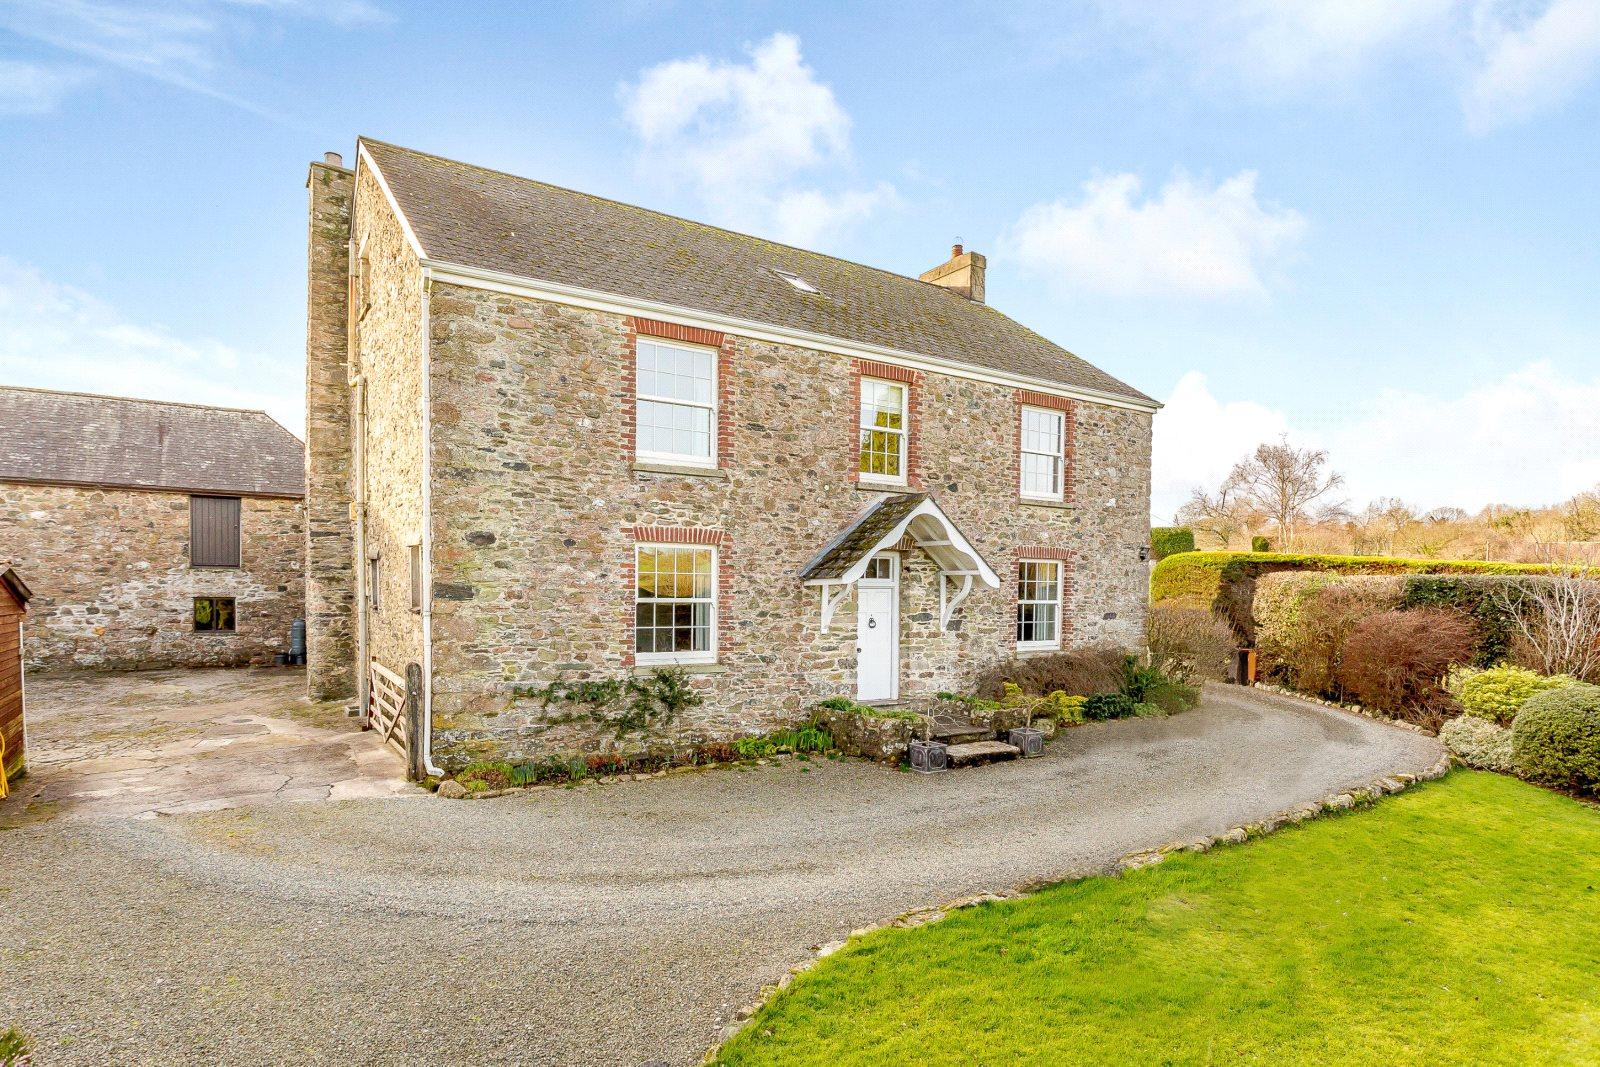 独户住宅 为 销售 在 Palstone Lane, South Brent, Devon, TQ10 South Brent, 英格兰